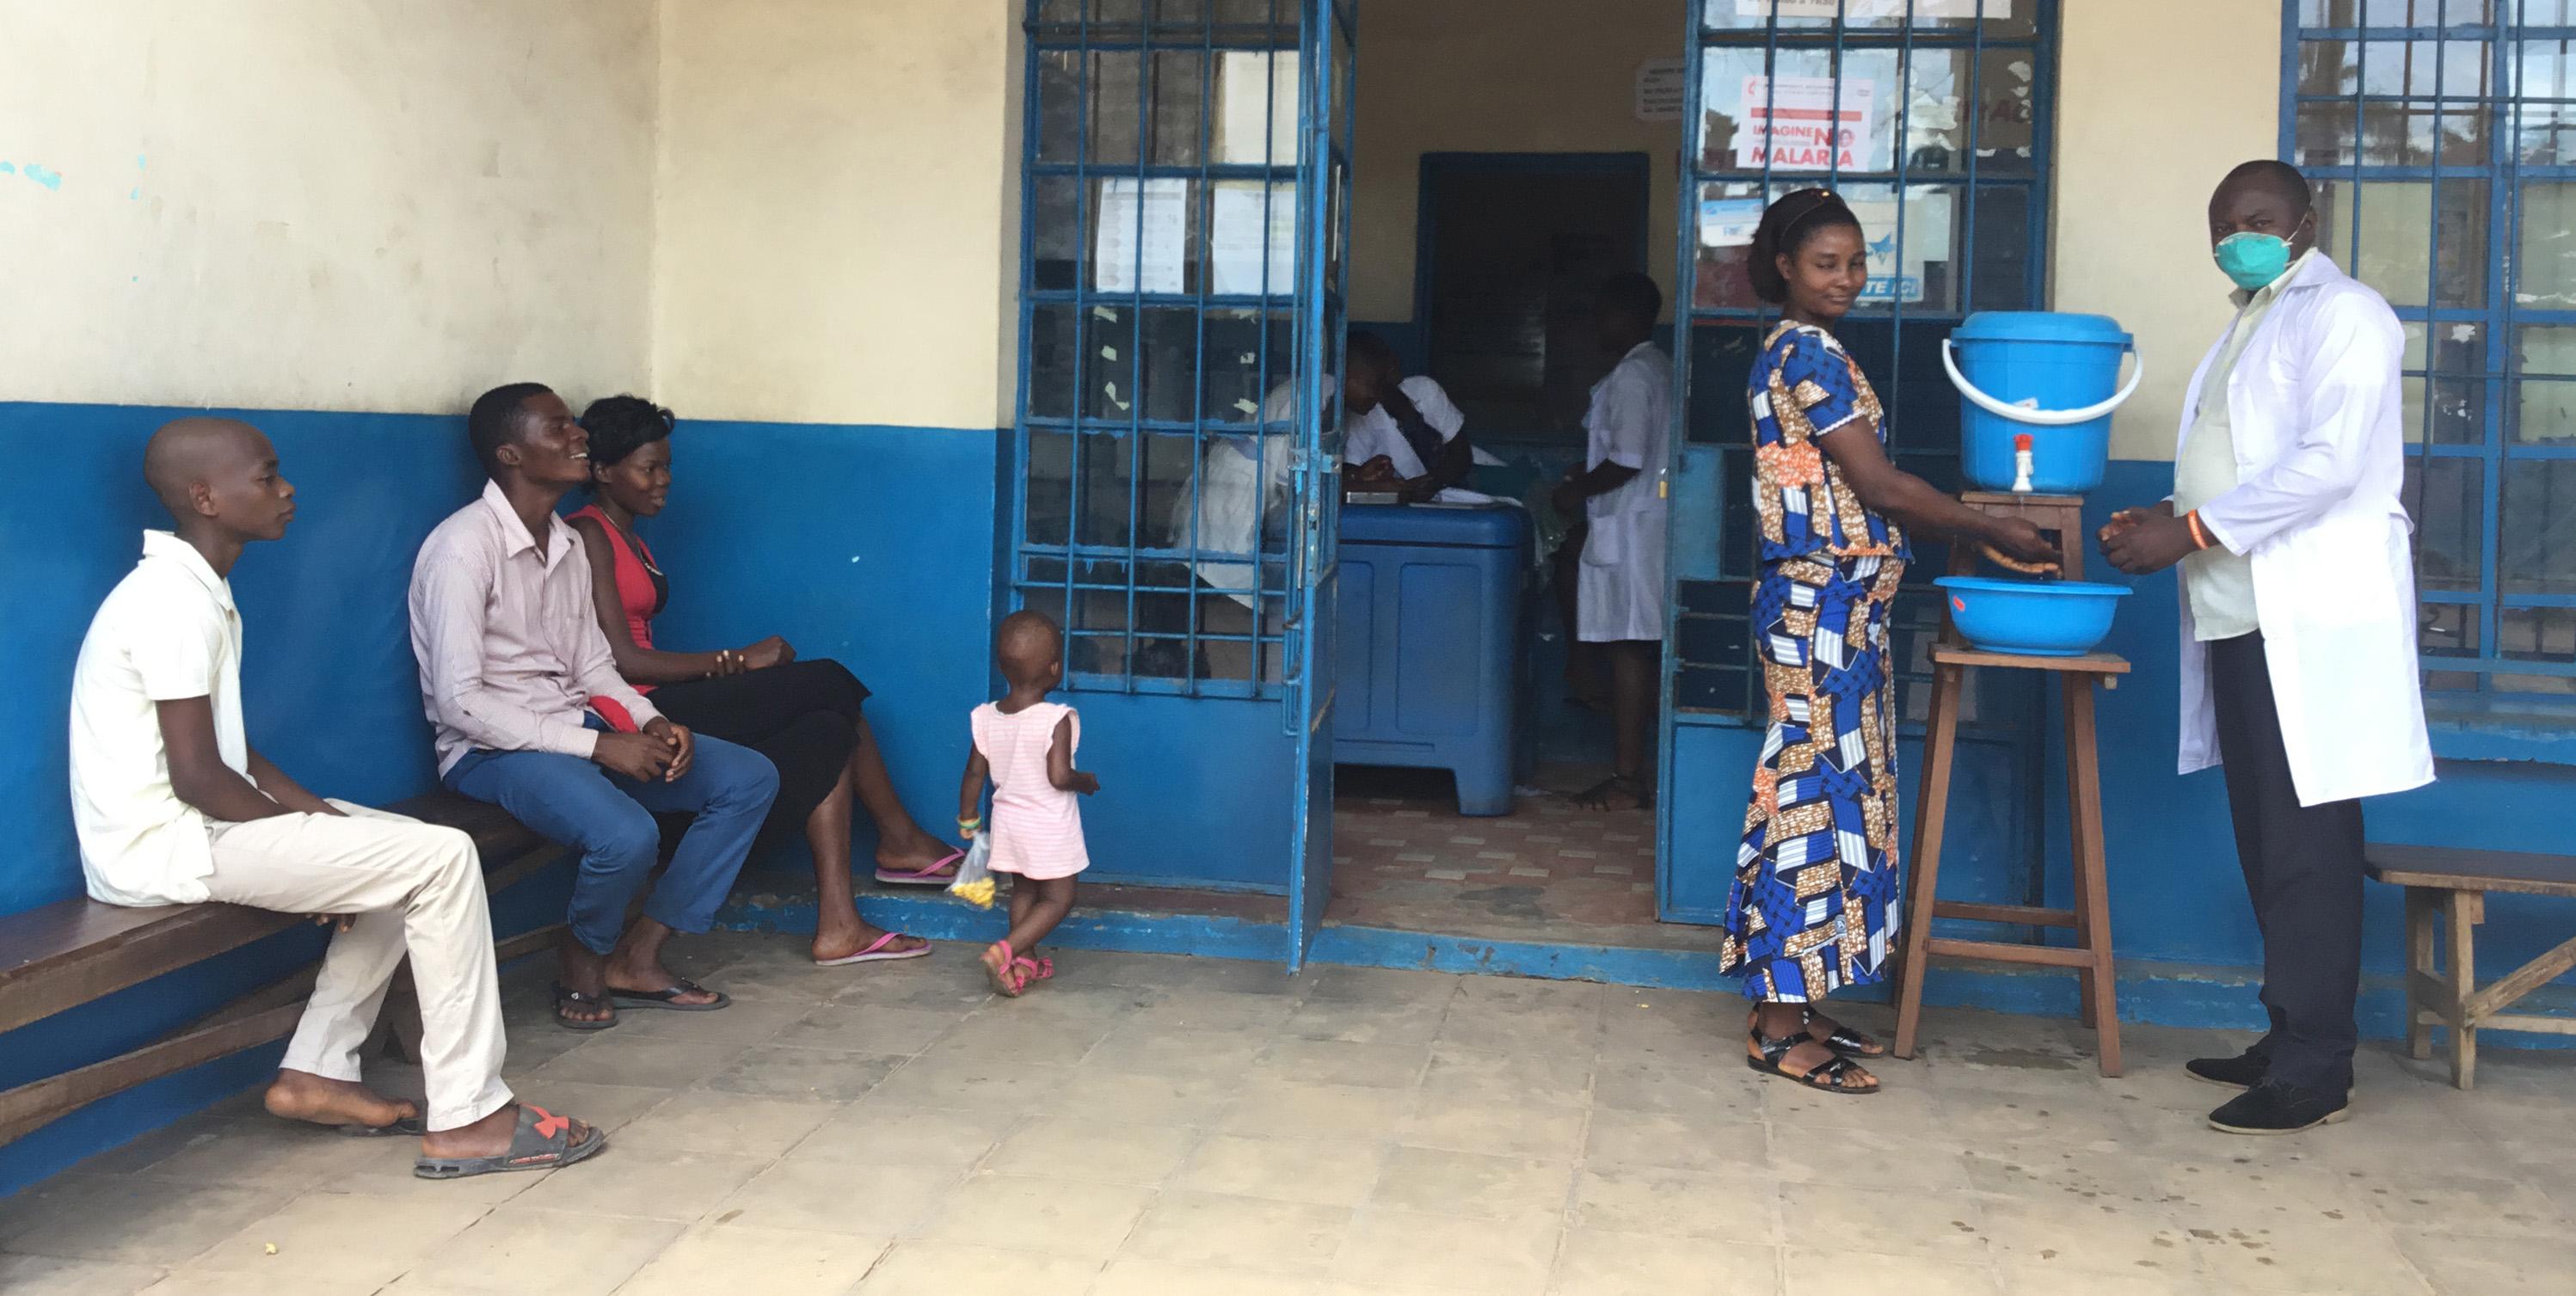 Le Médecin Directeur Dr. Tshimanga Liévin apprend à une stagiaire à se laver correctement les mains. L'Eglise Méthodiste Unie sensibilise les communautés locales sur l'importance de l'observation des mesures barrières pour freiner l'expansion du Coronavirus. Photo de Serge Mukendi.